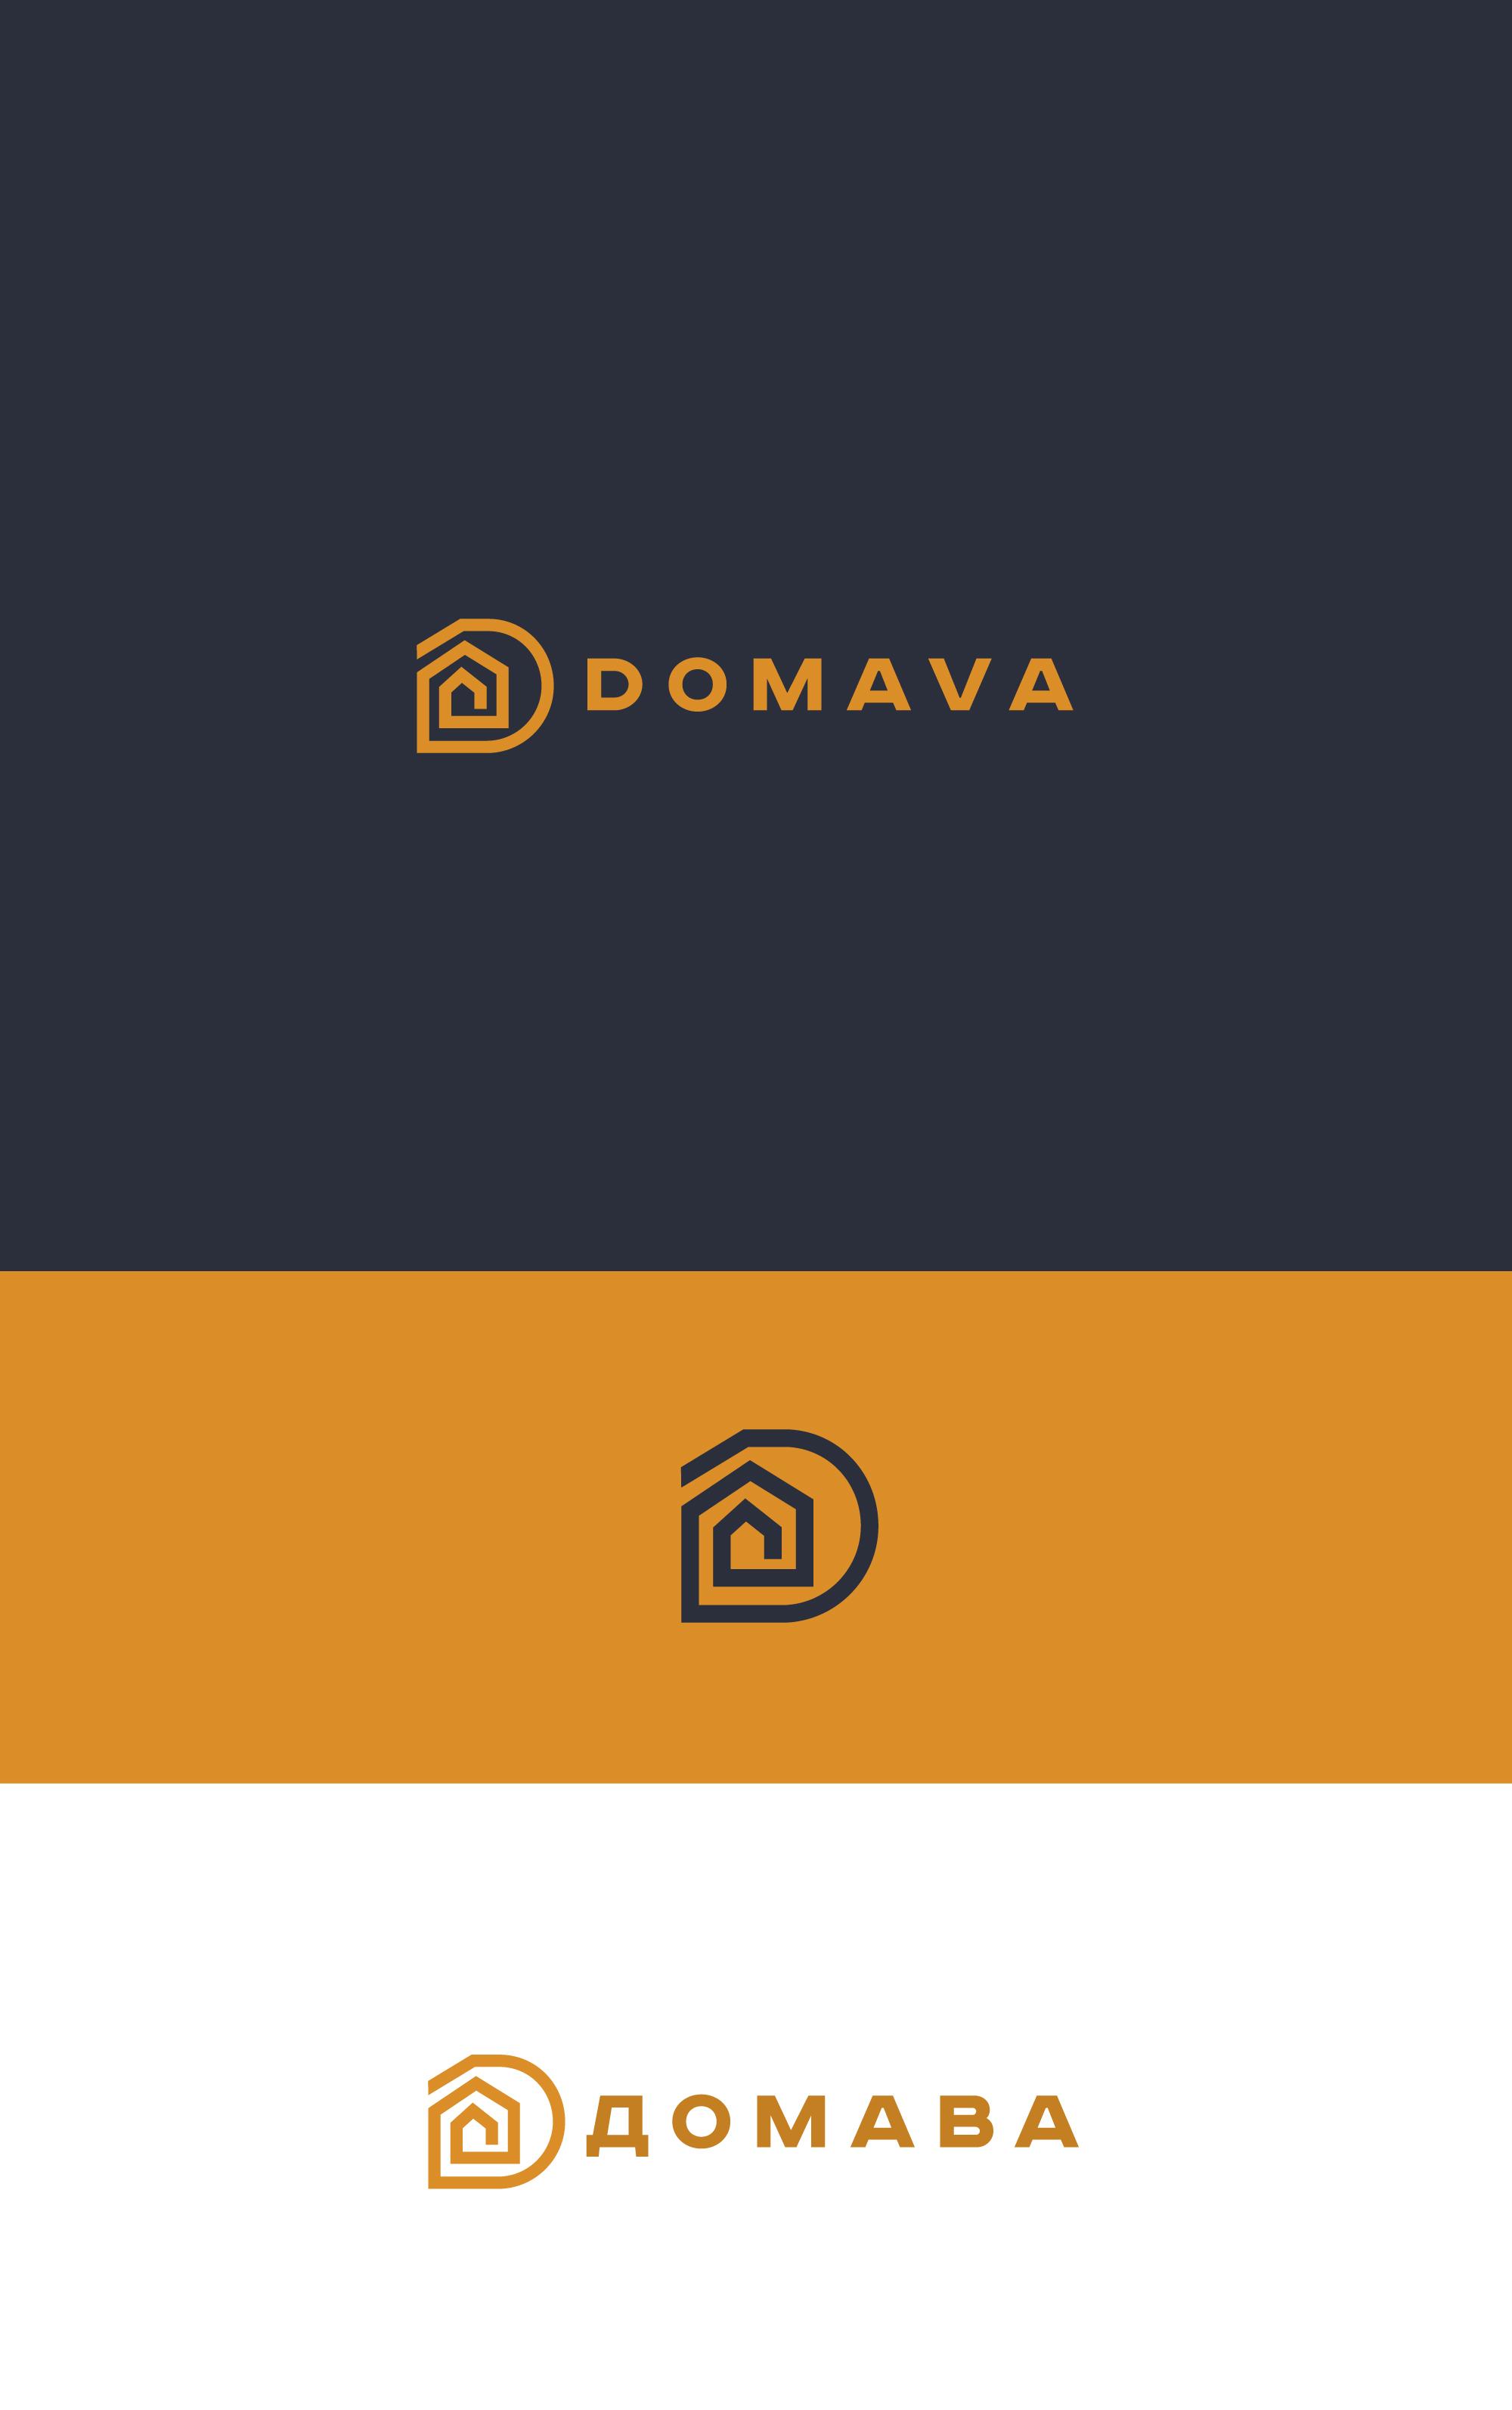 Разработка логотипа с паспортом стандартов фото f_8685ba27fac4028f.jpg